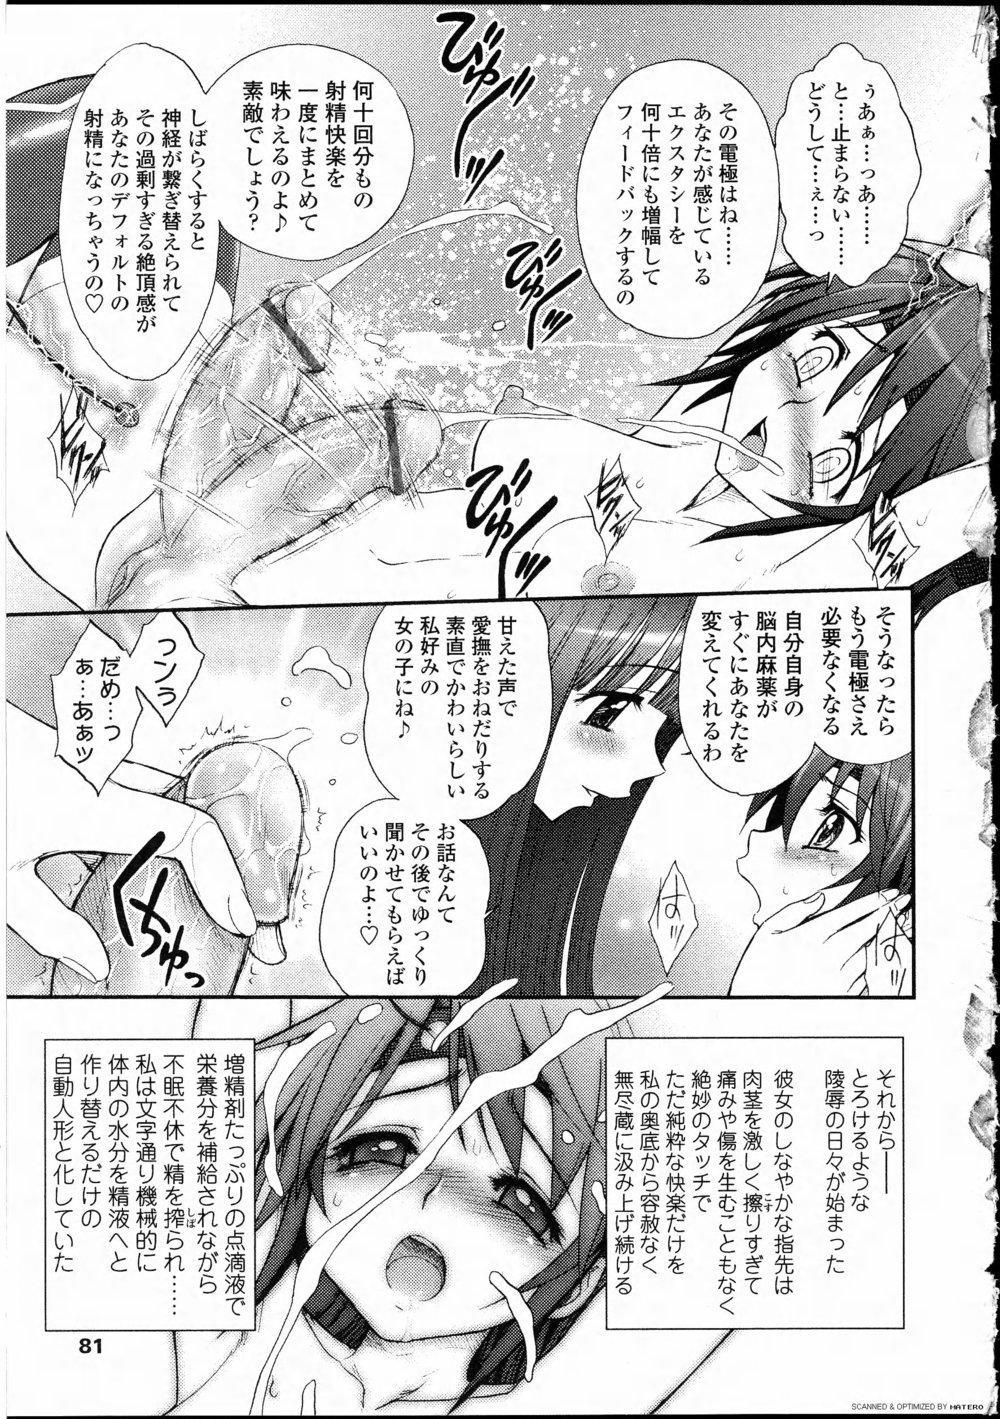 Futanarikko LOVE 10 78